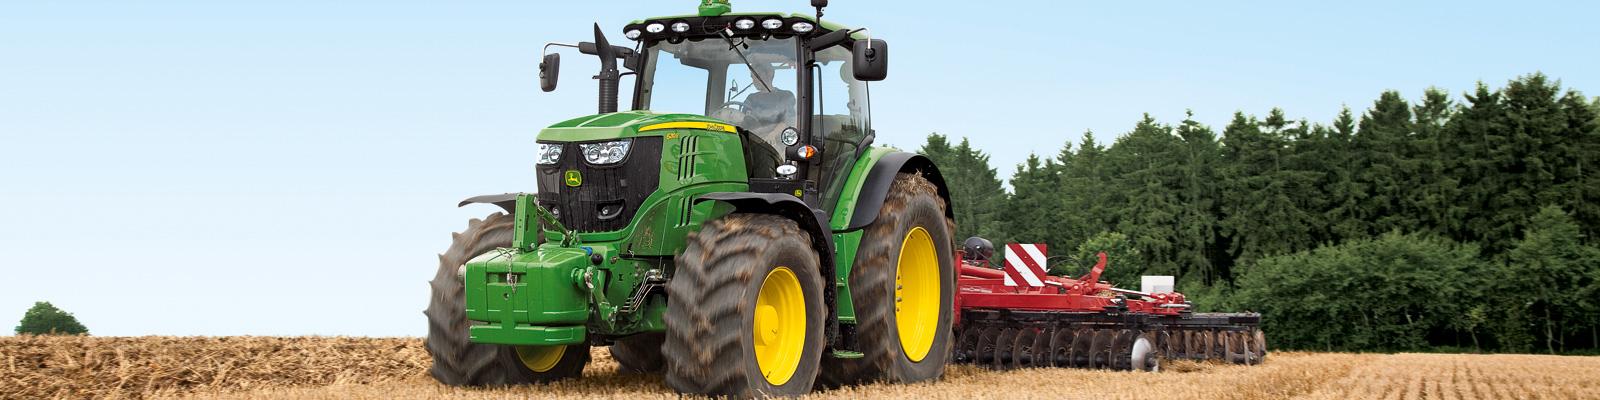 6338, 6338, tracteur, tracteur.jpg, http://www.terrena.fr/wp-content/uploads/tracteur.jpg, , 9, , , tracteur, 2015-09-14 14:46:45, 2015-09-14 14:46:45, image/jpeg, image, http://www.terrena.fr/wp-includes/images/media/default.png, 1600, 400, Array